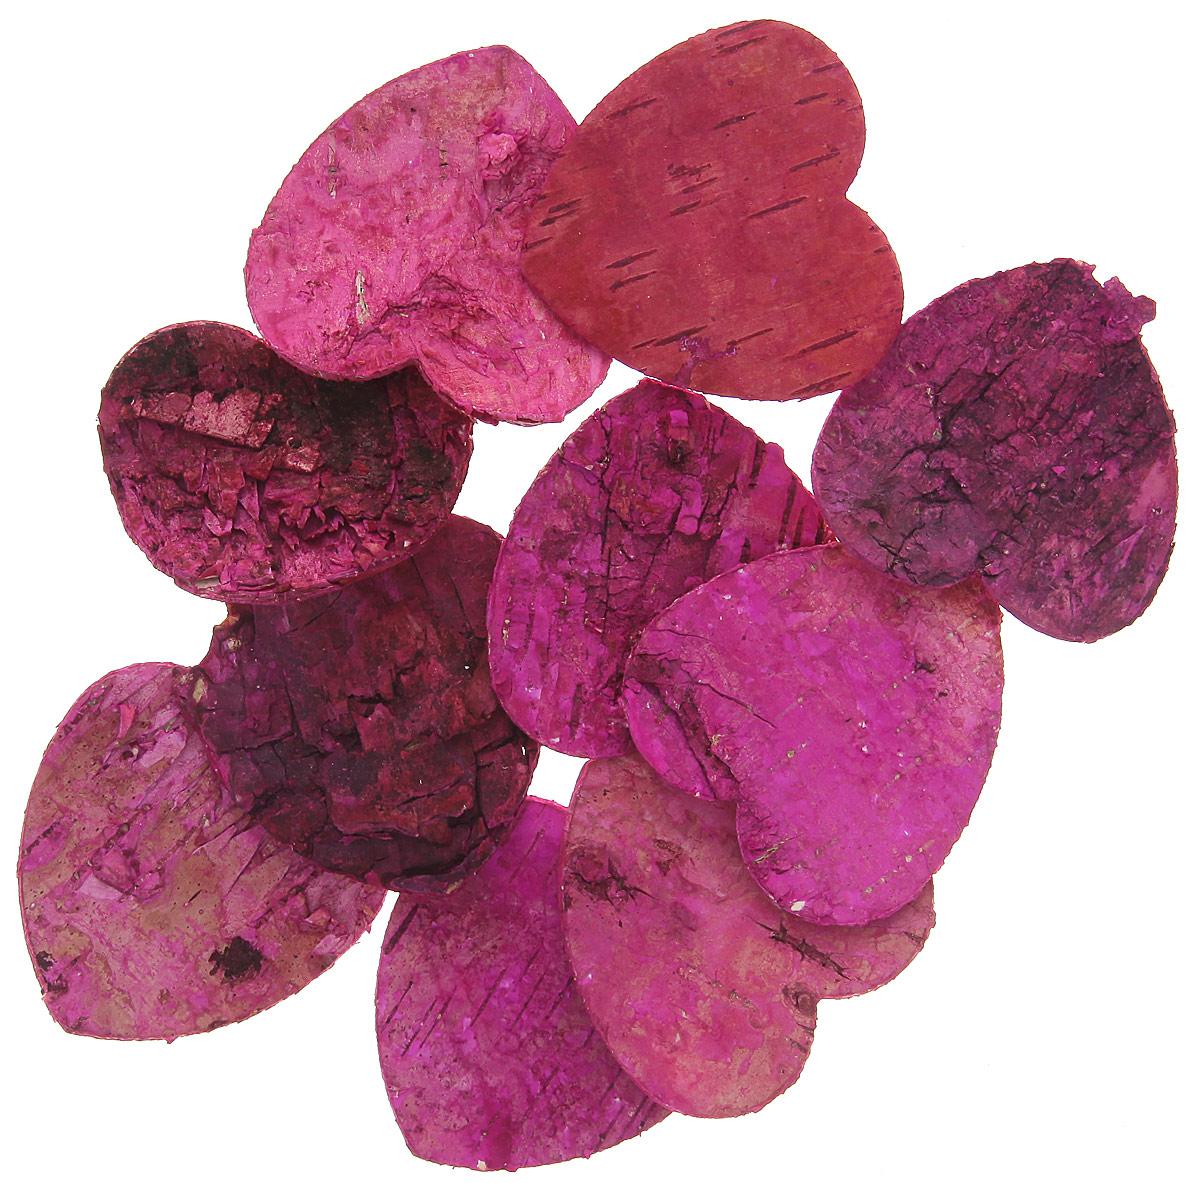 Декоративный элемент Dongjiang Art Сердце, цвет: фуксия, 10 шт7709004_розовыйДекоративный элемент Dongjiang Art Сердце, изготовленный из натуральной коры дерева, предназначен дляукрашения цветочных композиций. Изделие можно также использовать в технике скрапбукинг и многом другом.Флористика - вид декоративно-прикладного искусства, который использует живые, засушенные иликонсервированные природные материалы для создания флористических работ. Это целый мир, в котором естьместо и строгому математическому расчету, и вдохновению. Размер одного элемента: 5 см х 5 см.